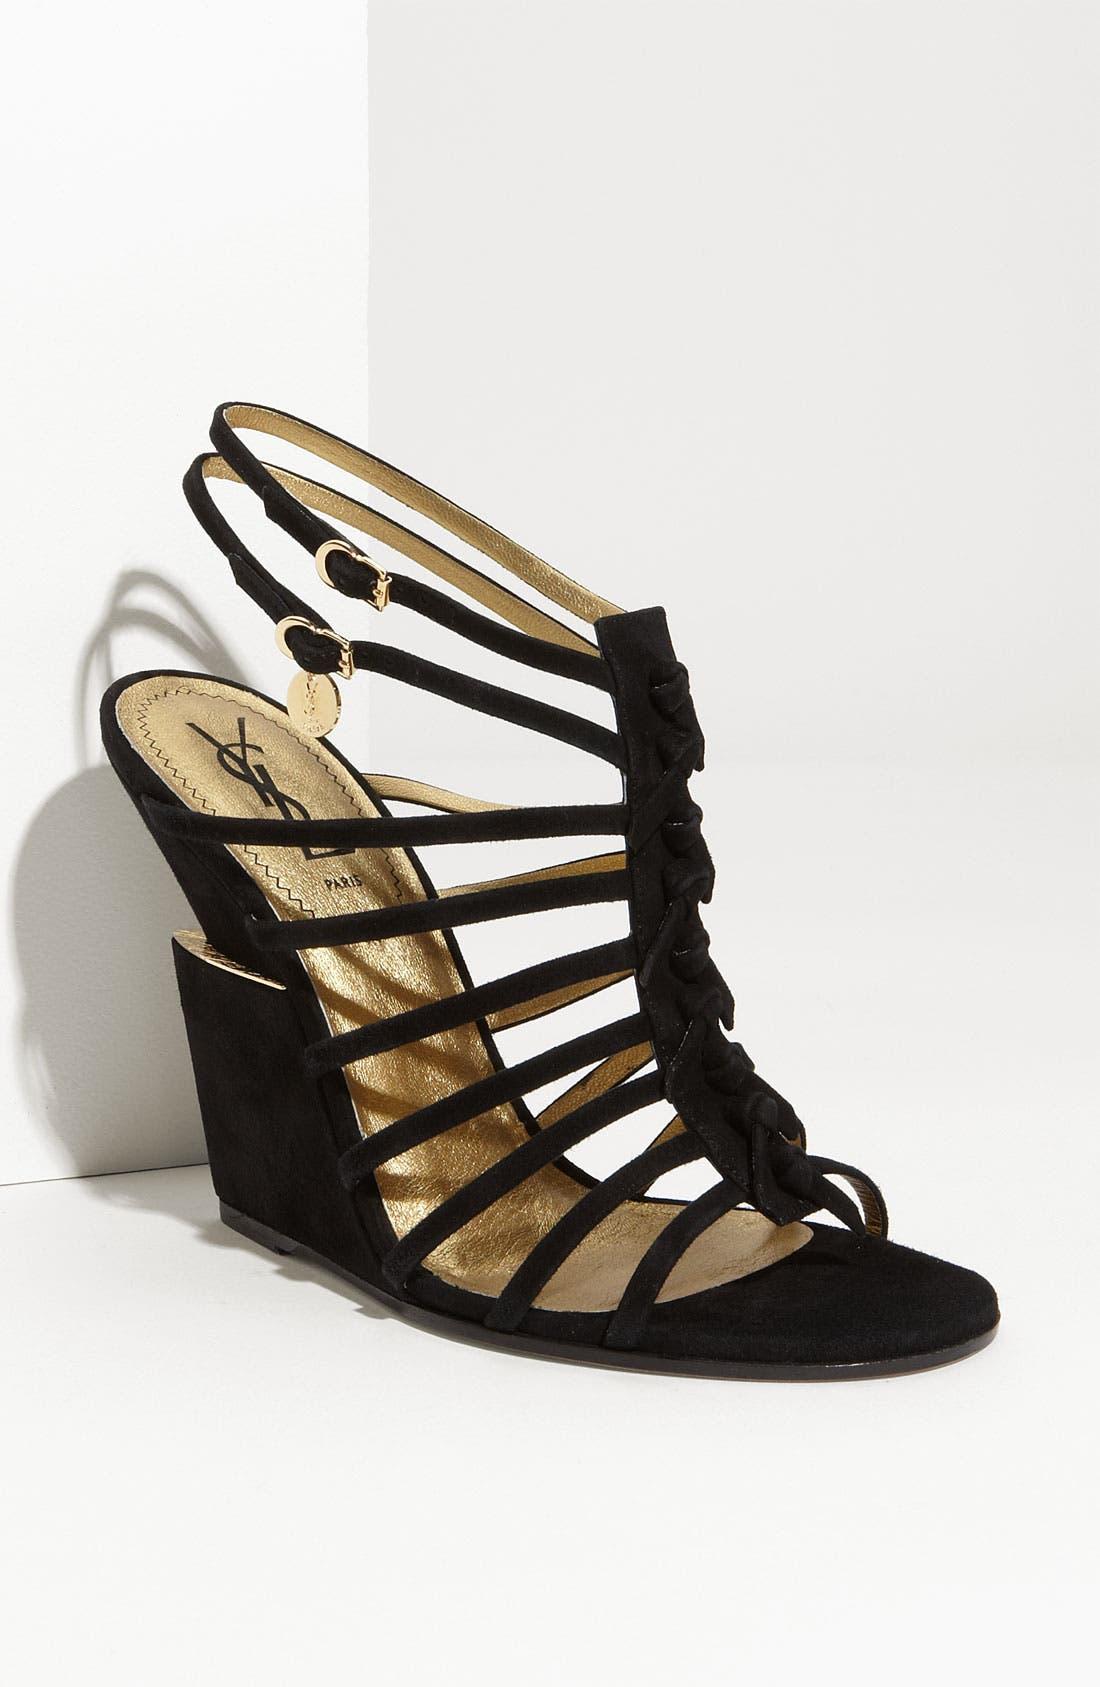 Main Image - Yves Saint Laurent 'Trybal' Wedge Sandal